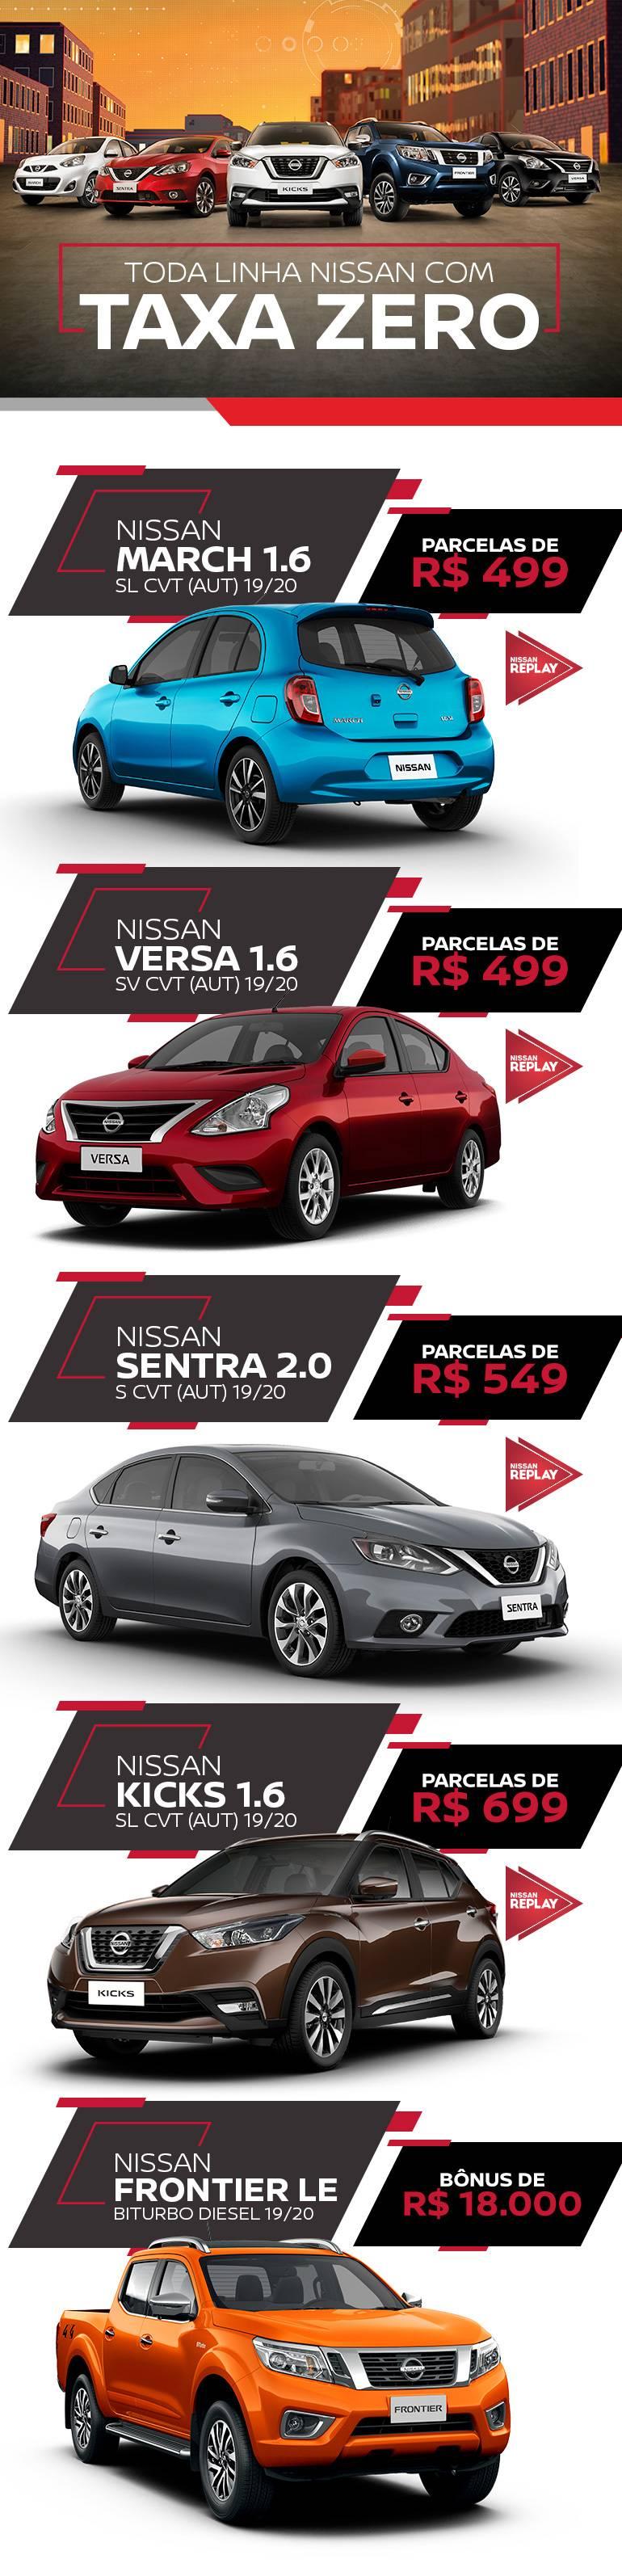 Linha Nissan com Taxa Zero